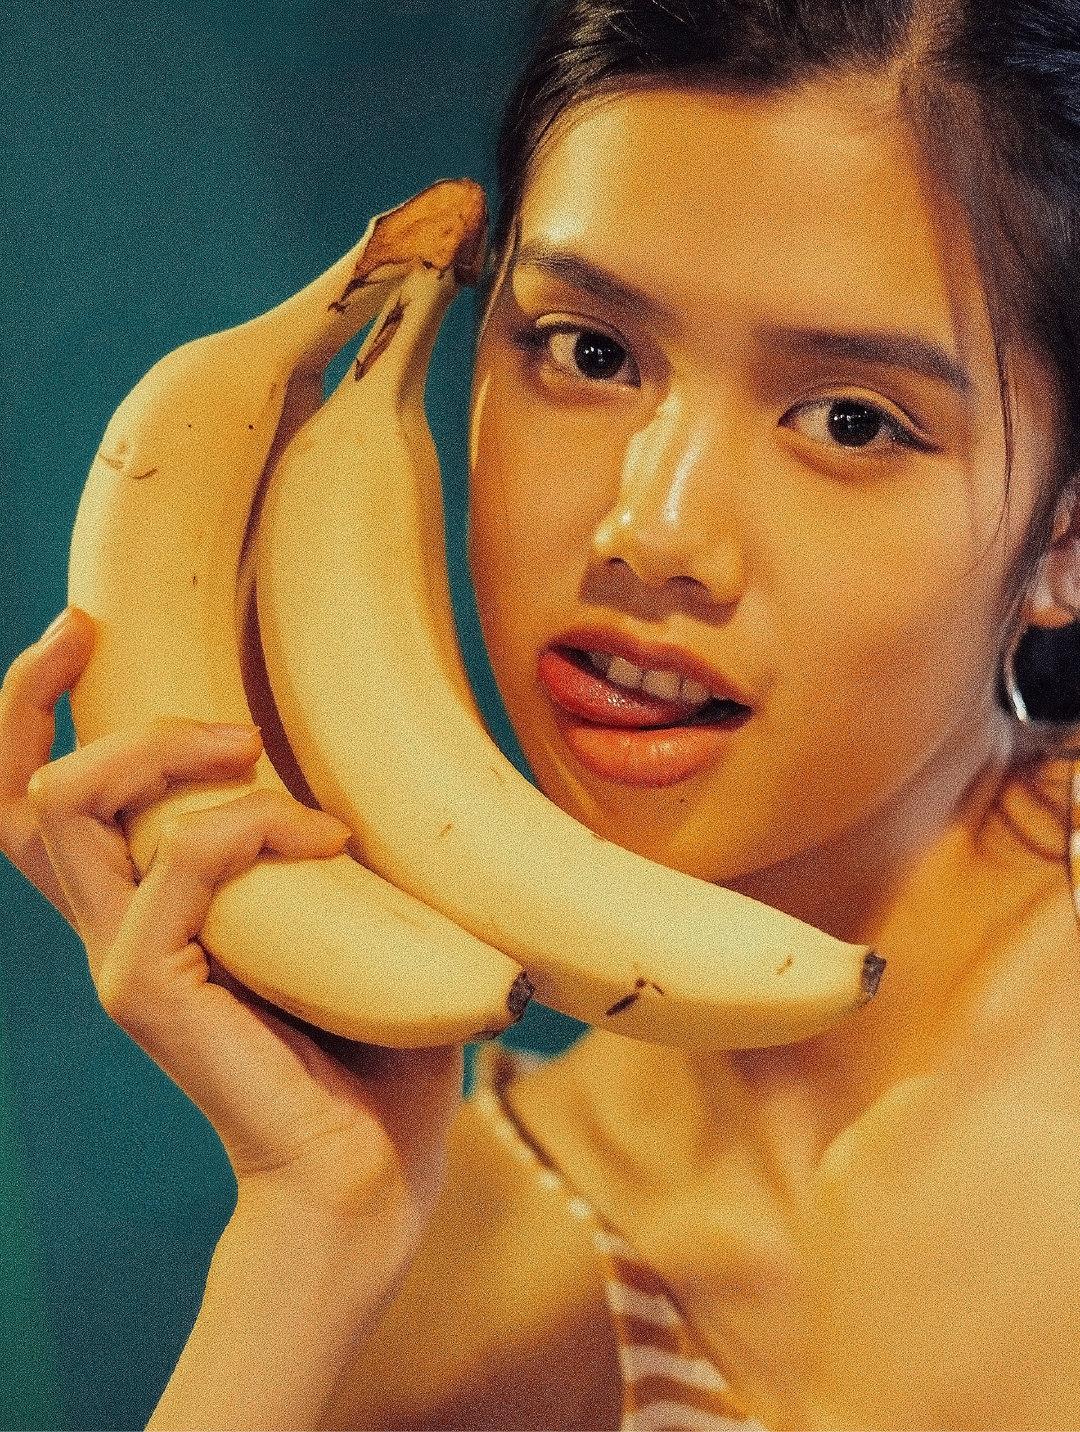 《香蕉少女唐语》